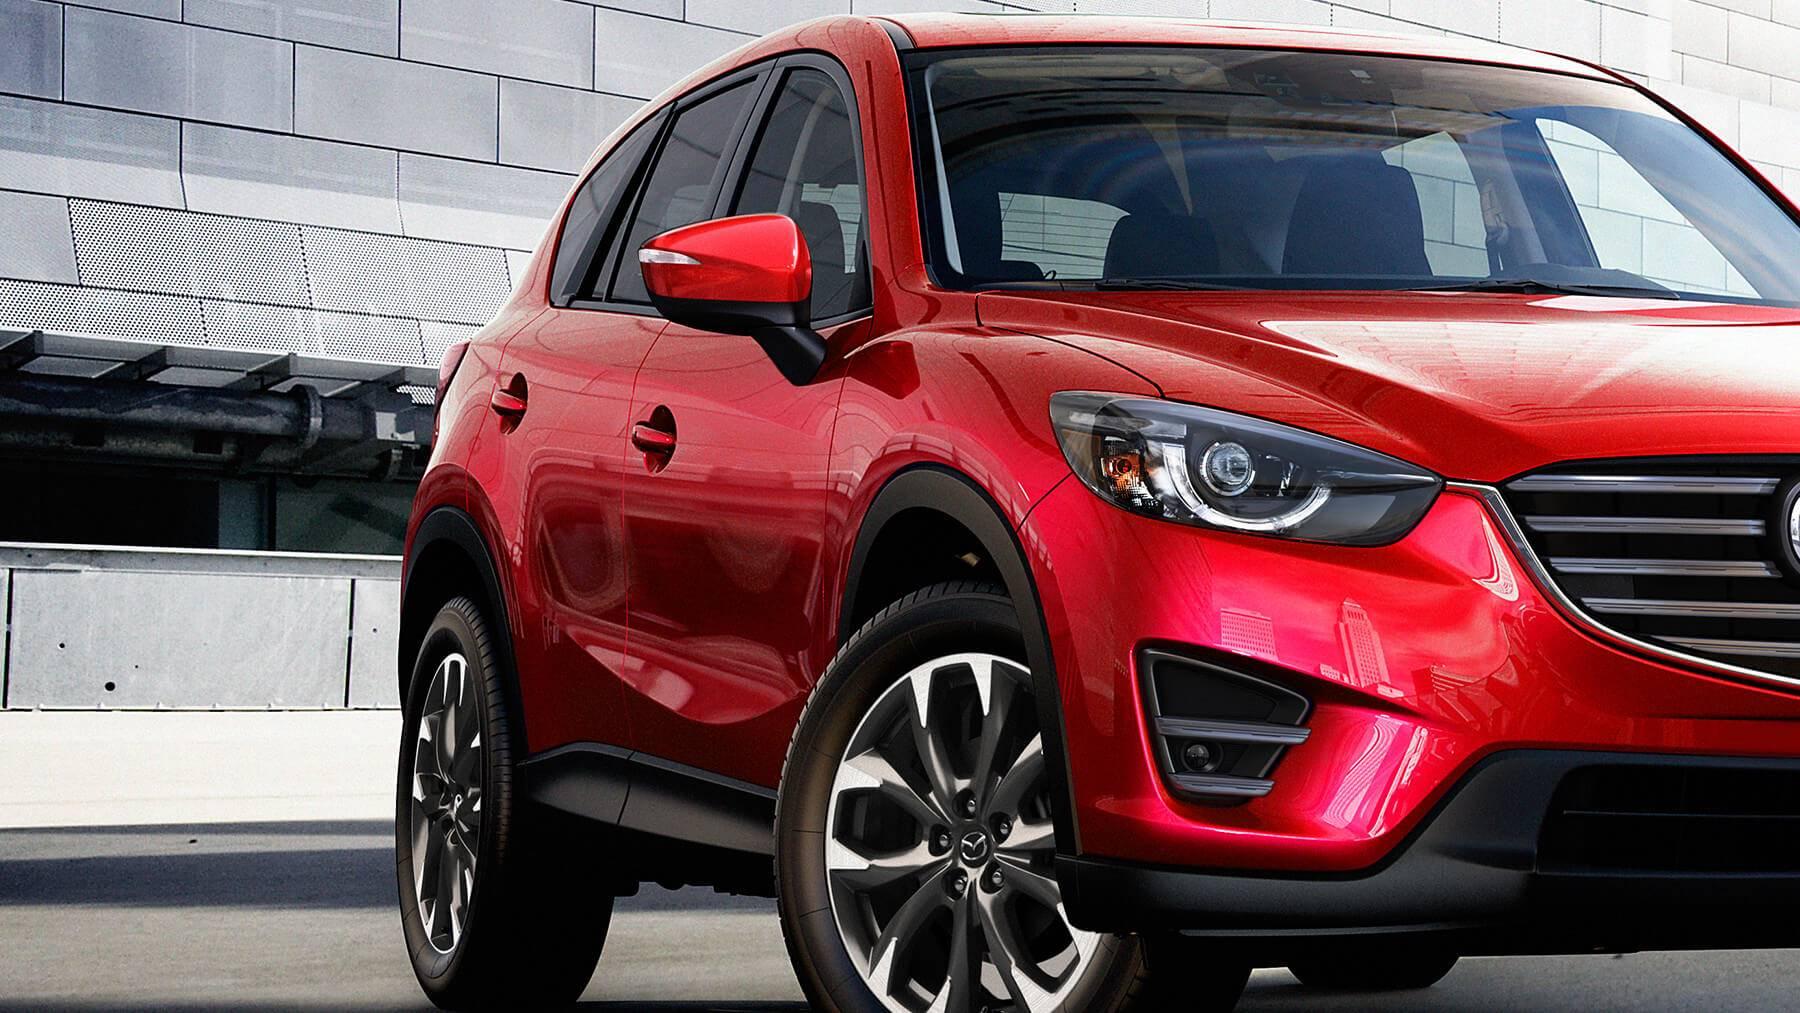 2017 Mazdas in Bedford, TX